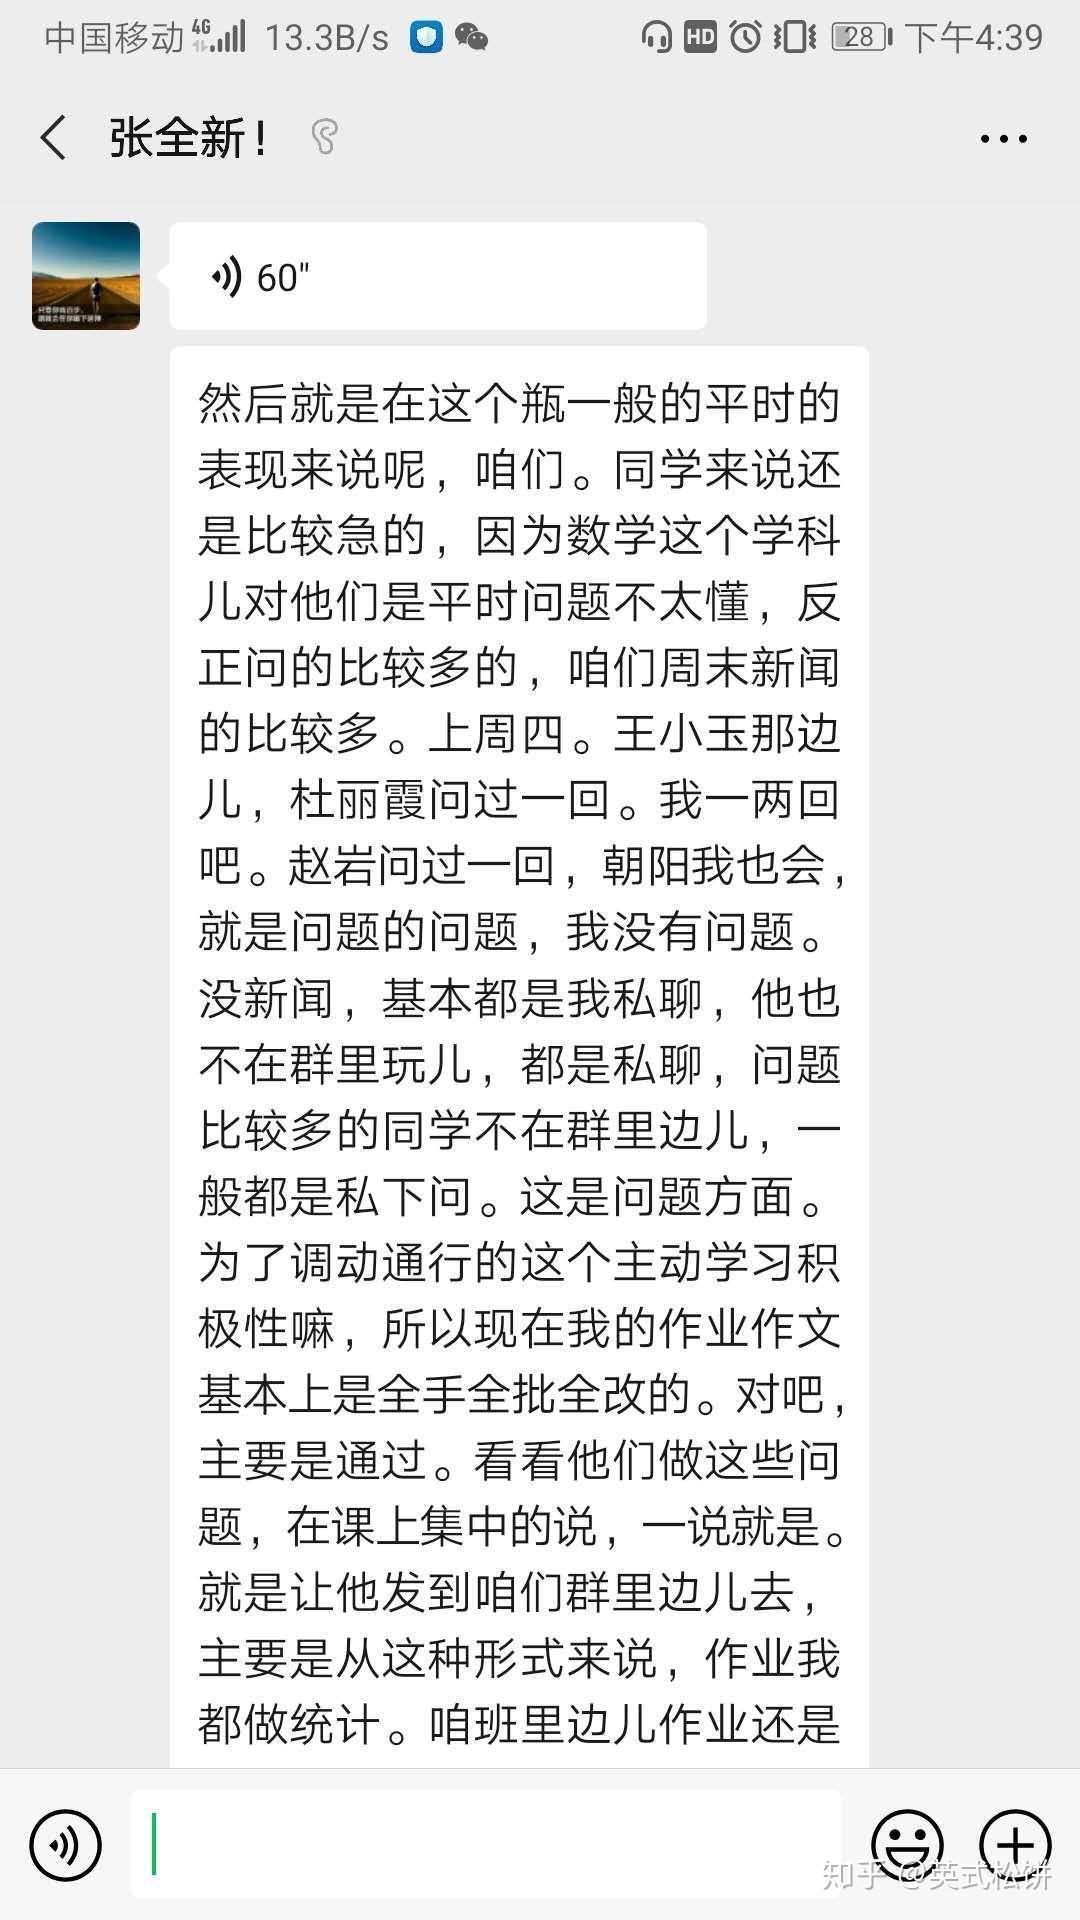 北京十一学校怎么样_北京精华学校怎么样? - 知乎